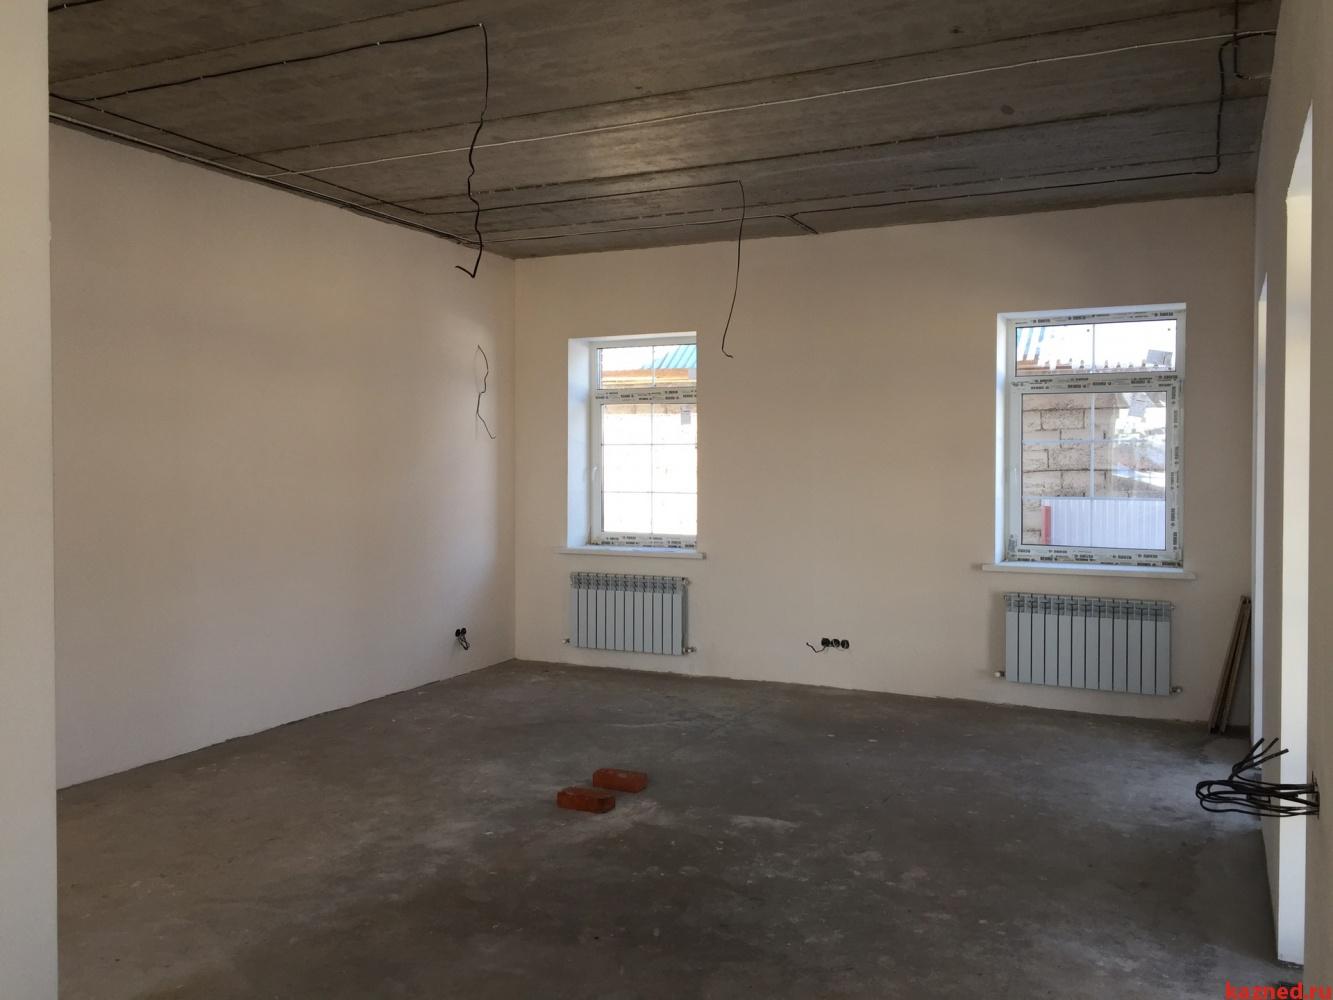 Продажа  дома Центральная, 51 (Константиновка), 175 м2  (миниатюра №3)